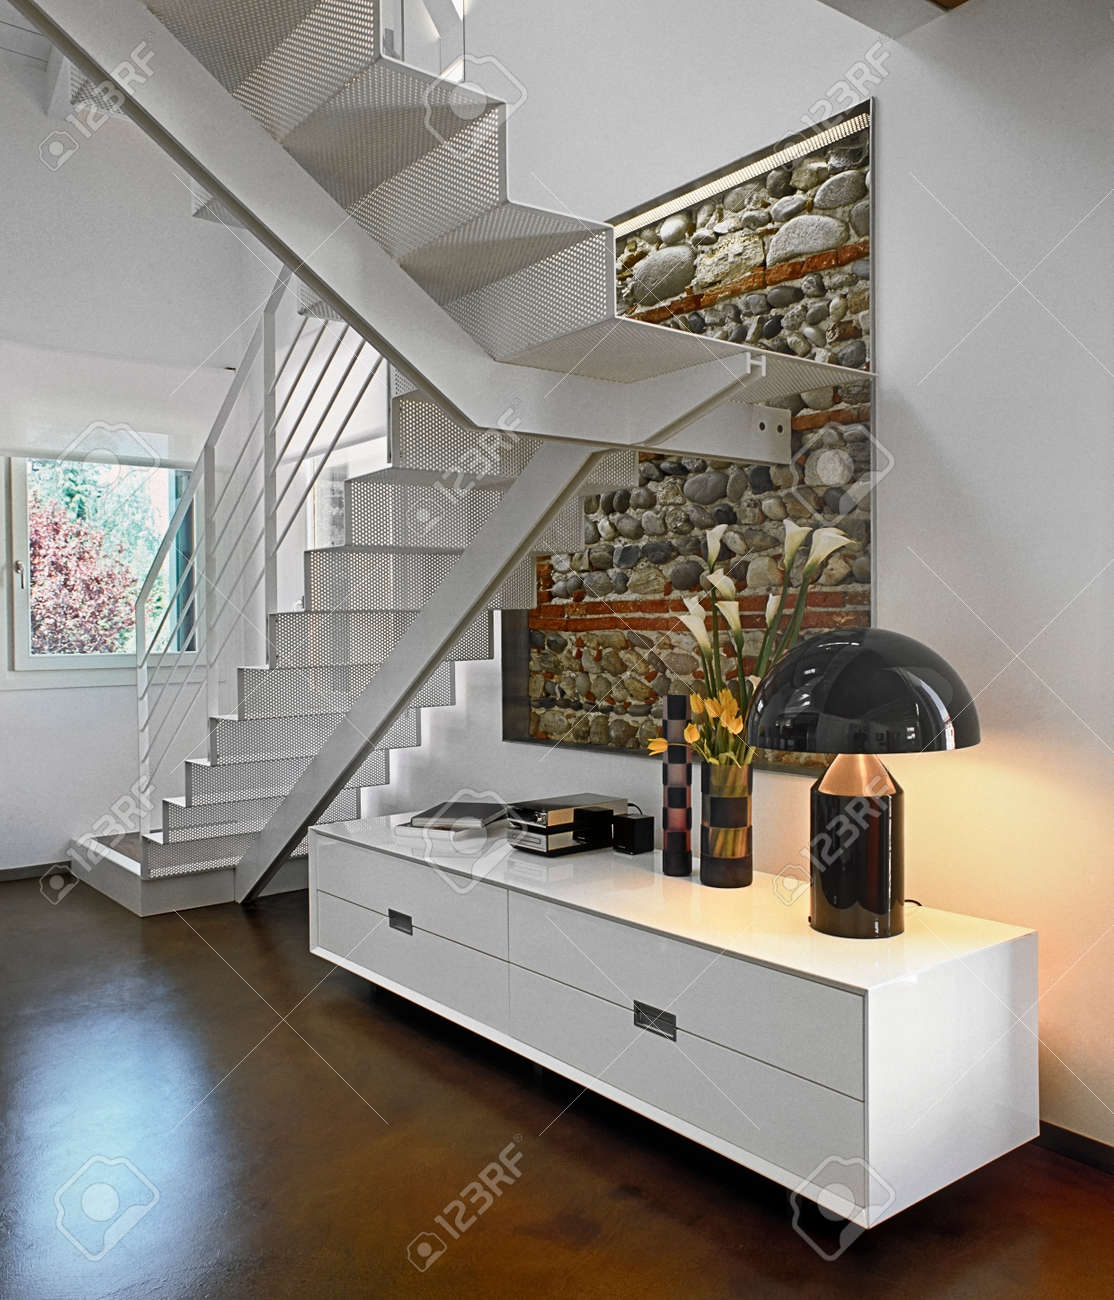 Weiße Möbel Und Treppe In Teh Moderne Wohnzimmer Lizenzfreie Fotos ...